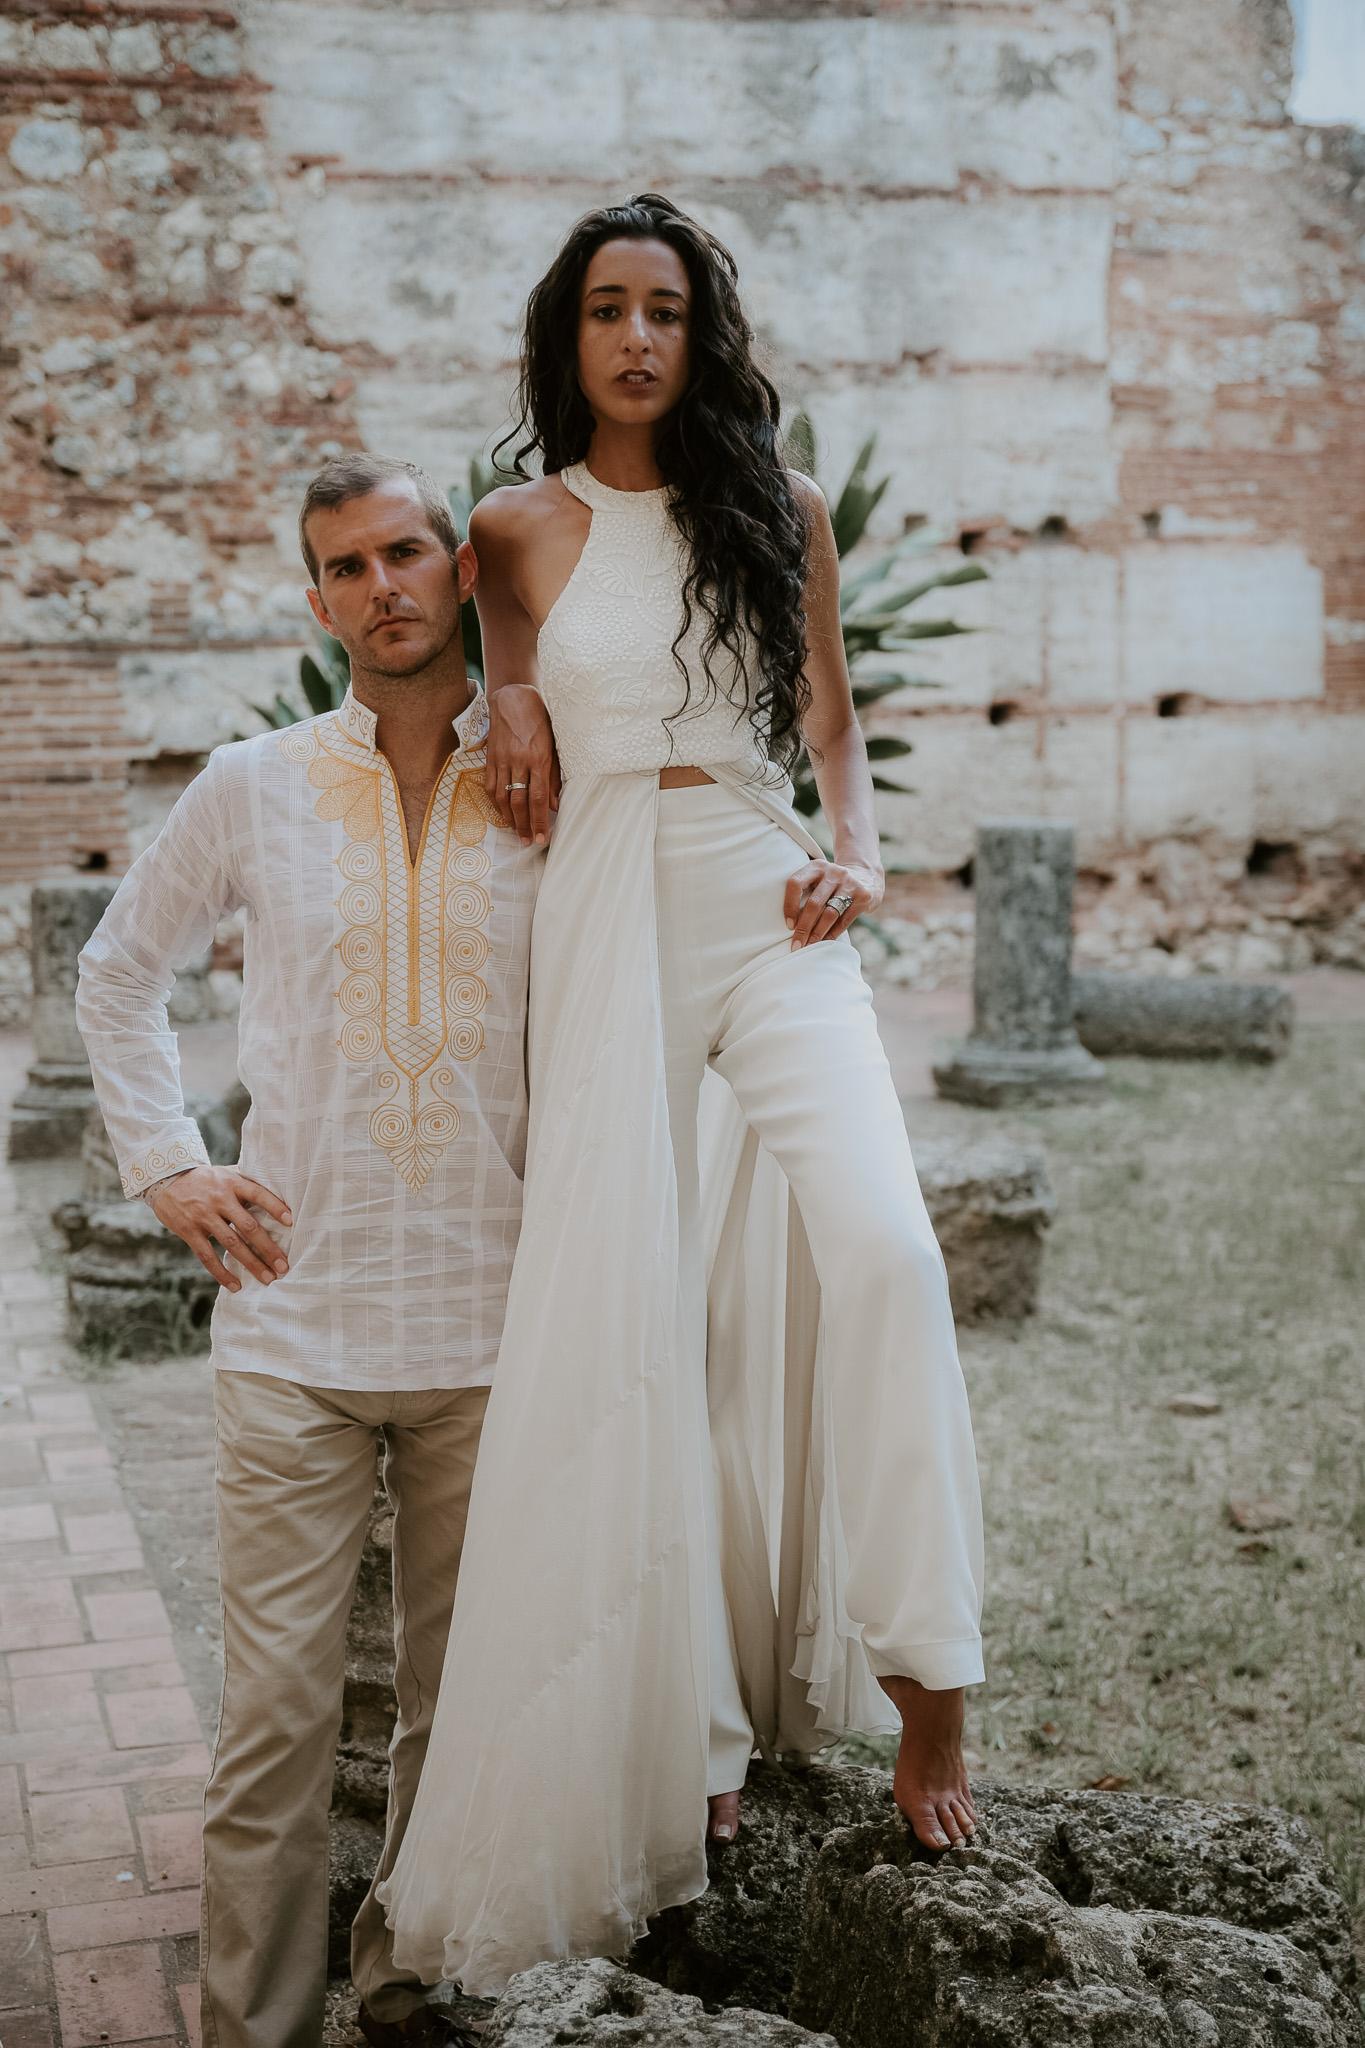 Valerie & Zack Prbeoda-202.jpg